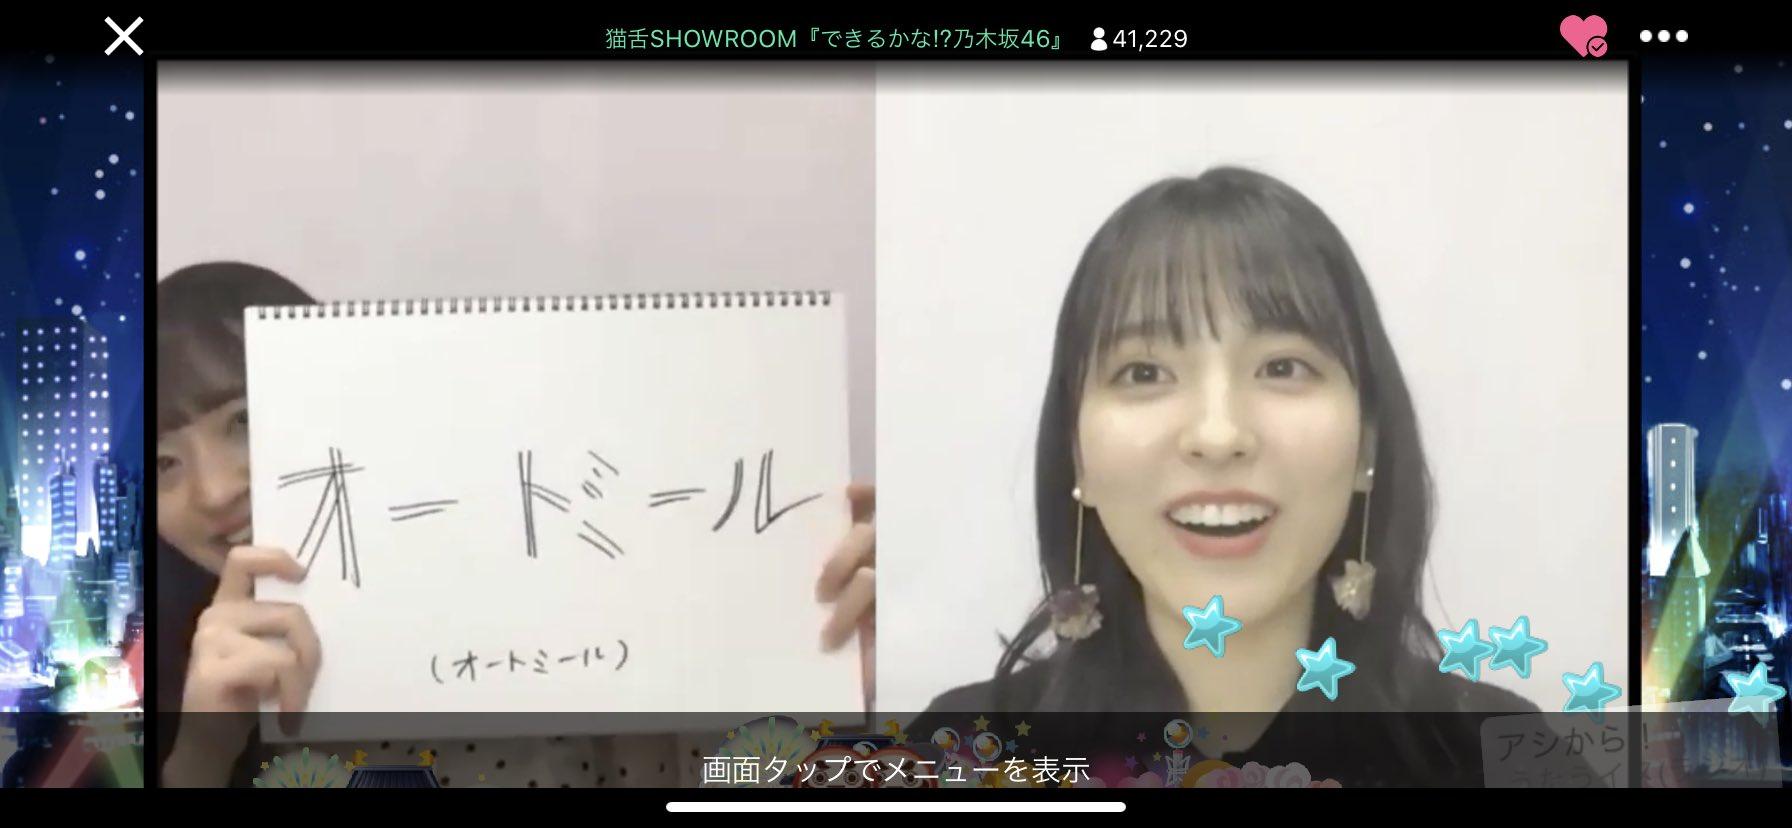 乃木坂46「猫舌SHOWROOM」 金川紗耶が人におススメしたい簡単レシピは「オートミール」